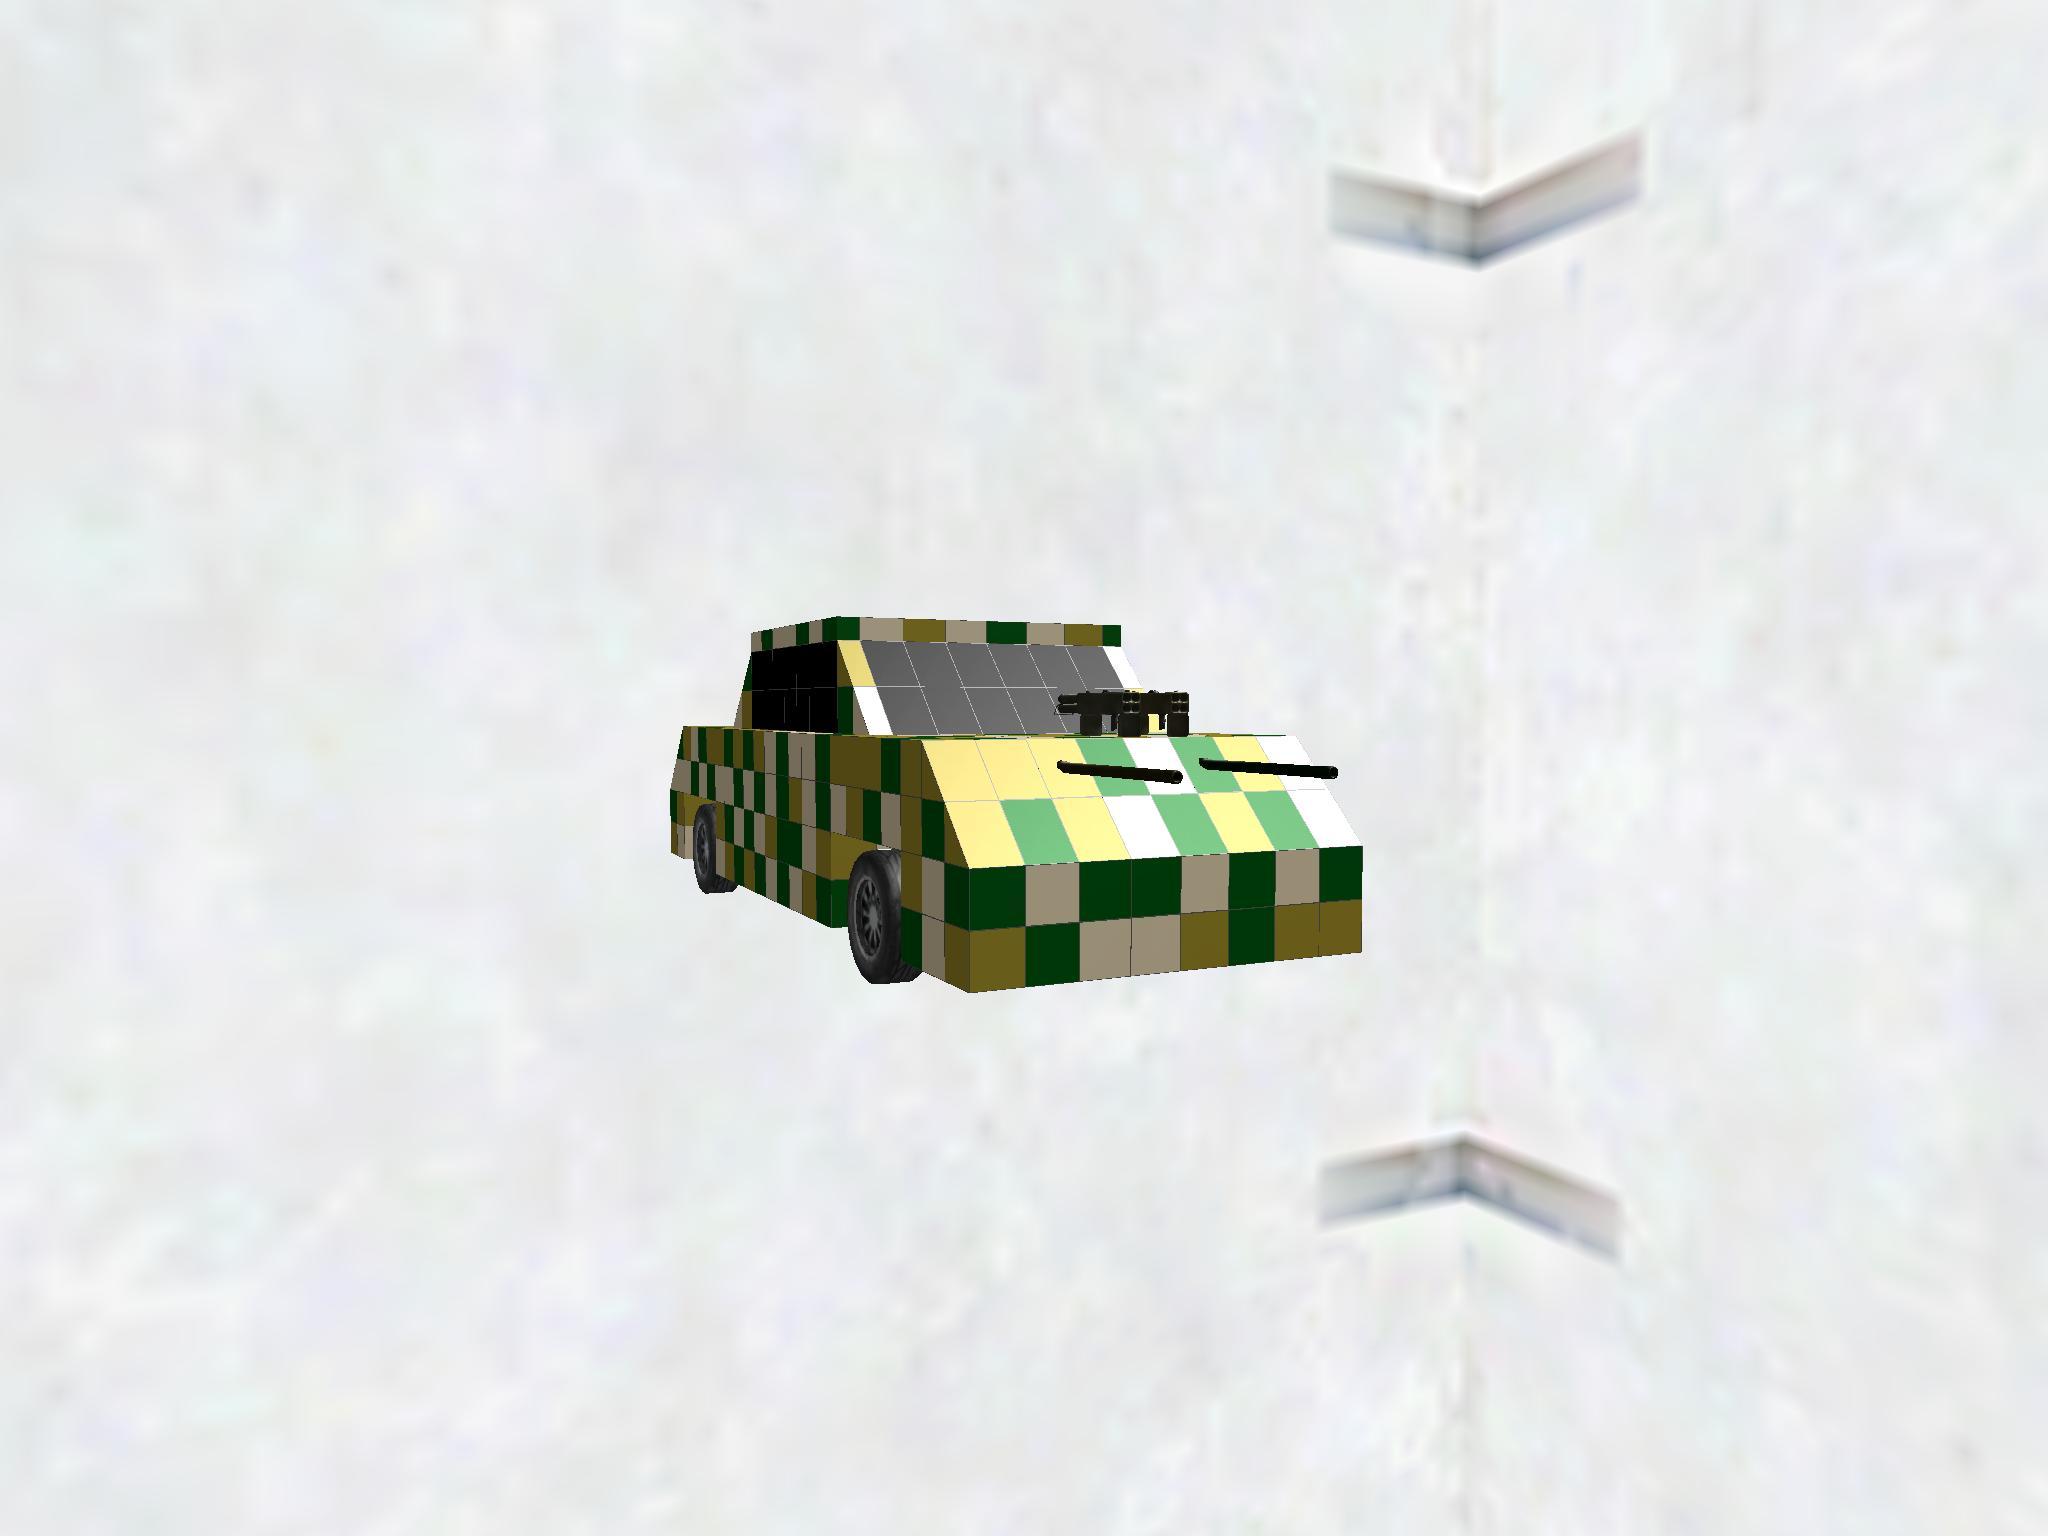 戦闘型迷彩準々戦車 ko-5157